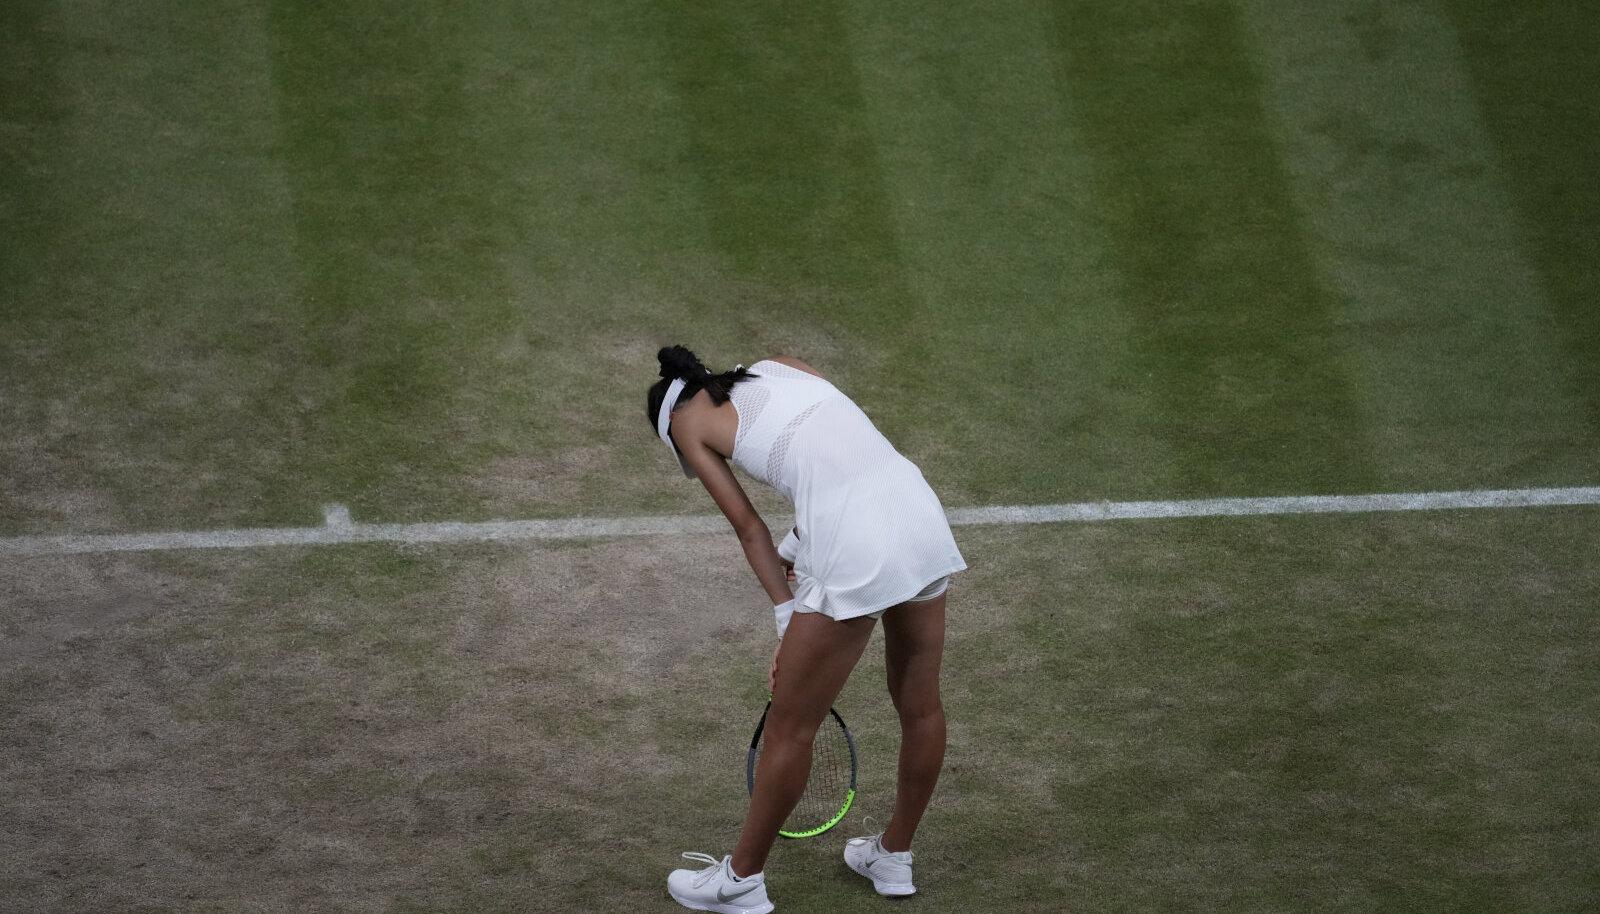 Emma Raducanu ei saanud terviseprobleemide tõttu neljanda ringi kohtumist Wimbledonis lõpuni mängida.